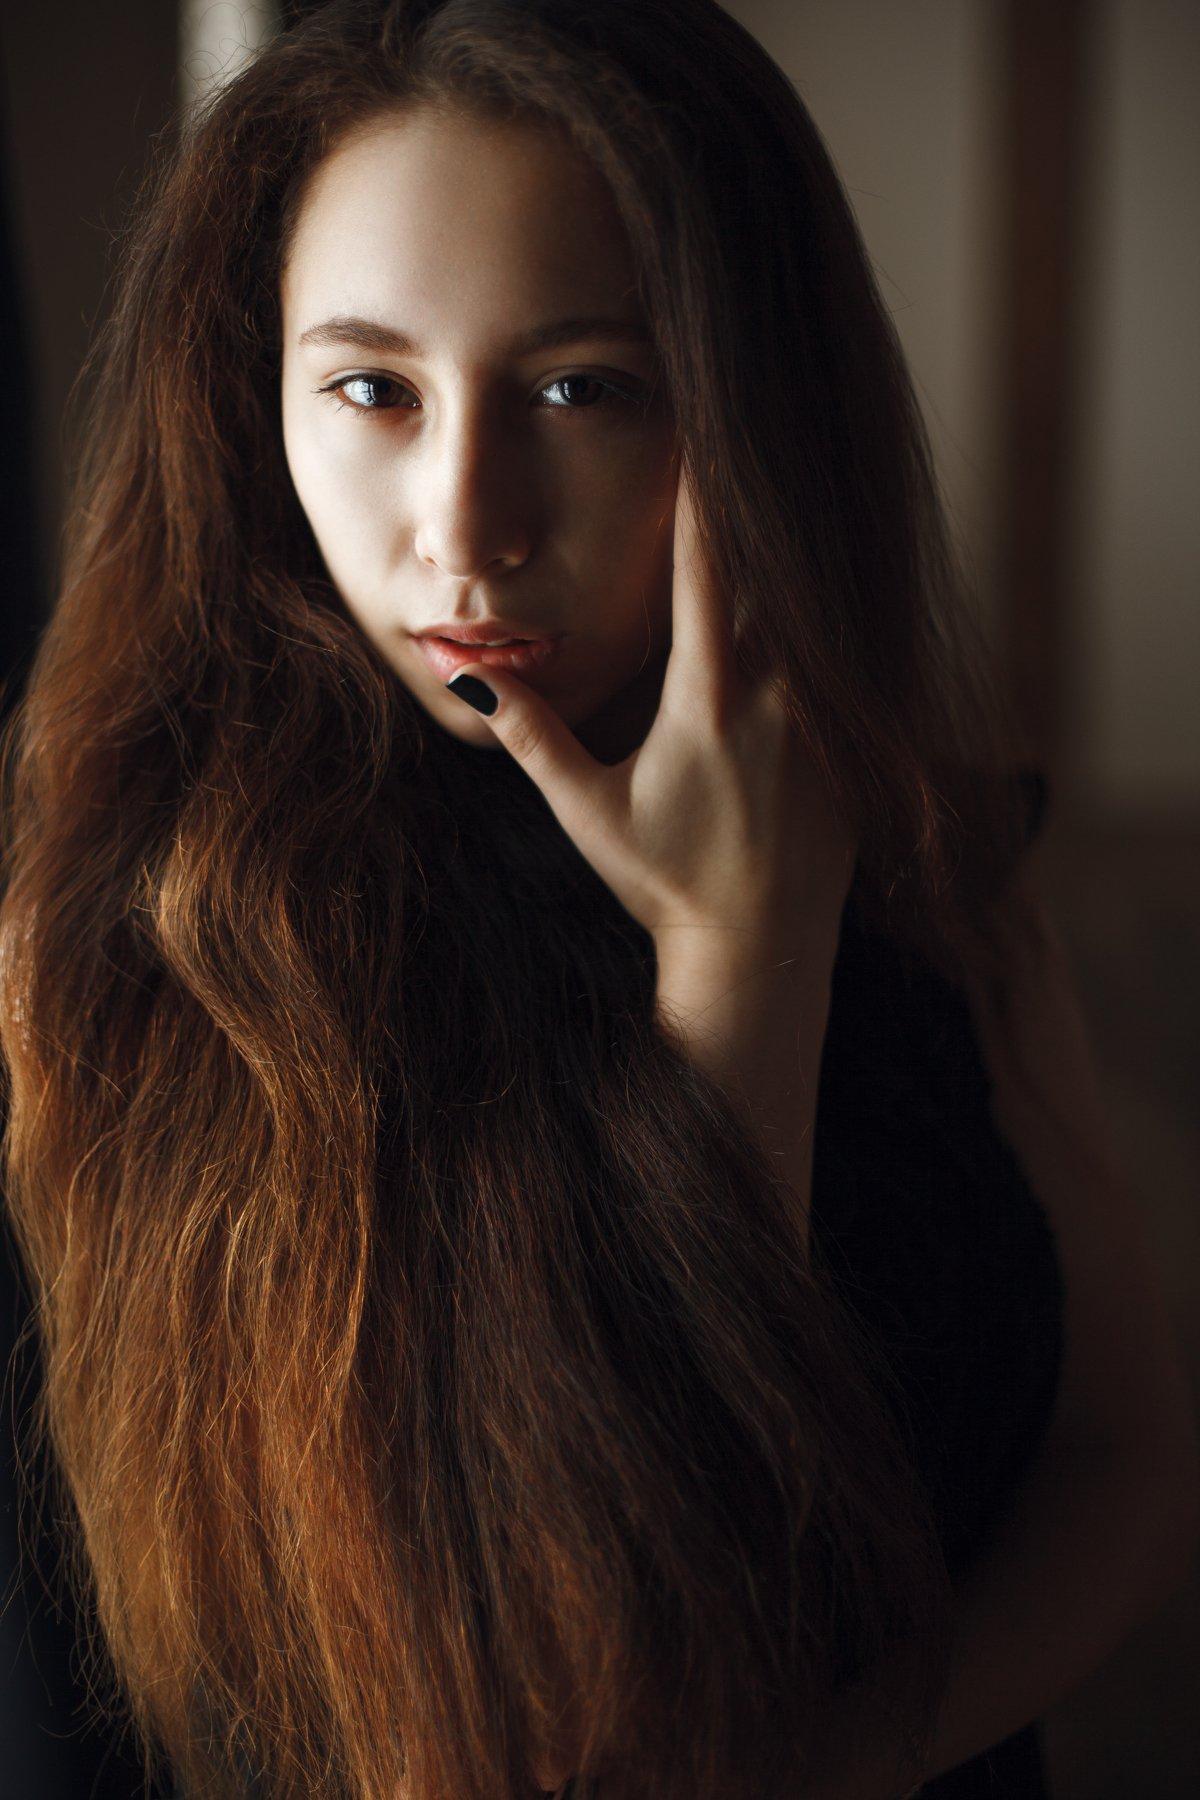 портрет, portret, face, girl, девушка, Евгений Мартынов